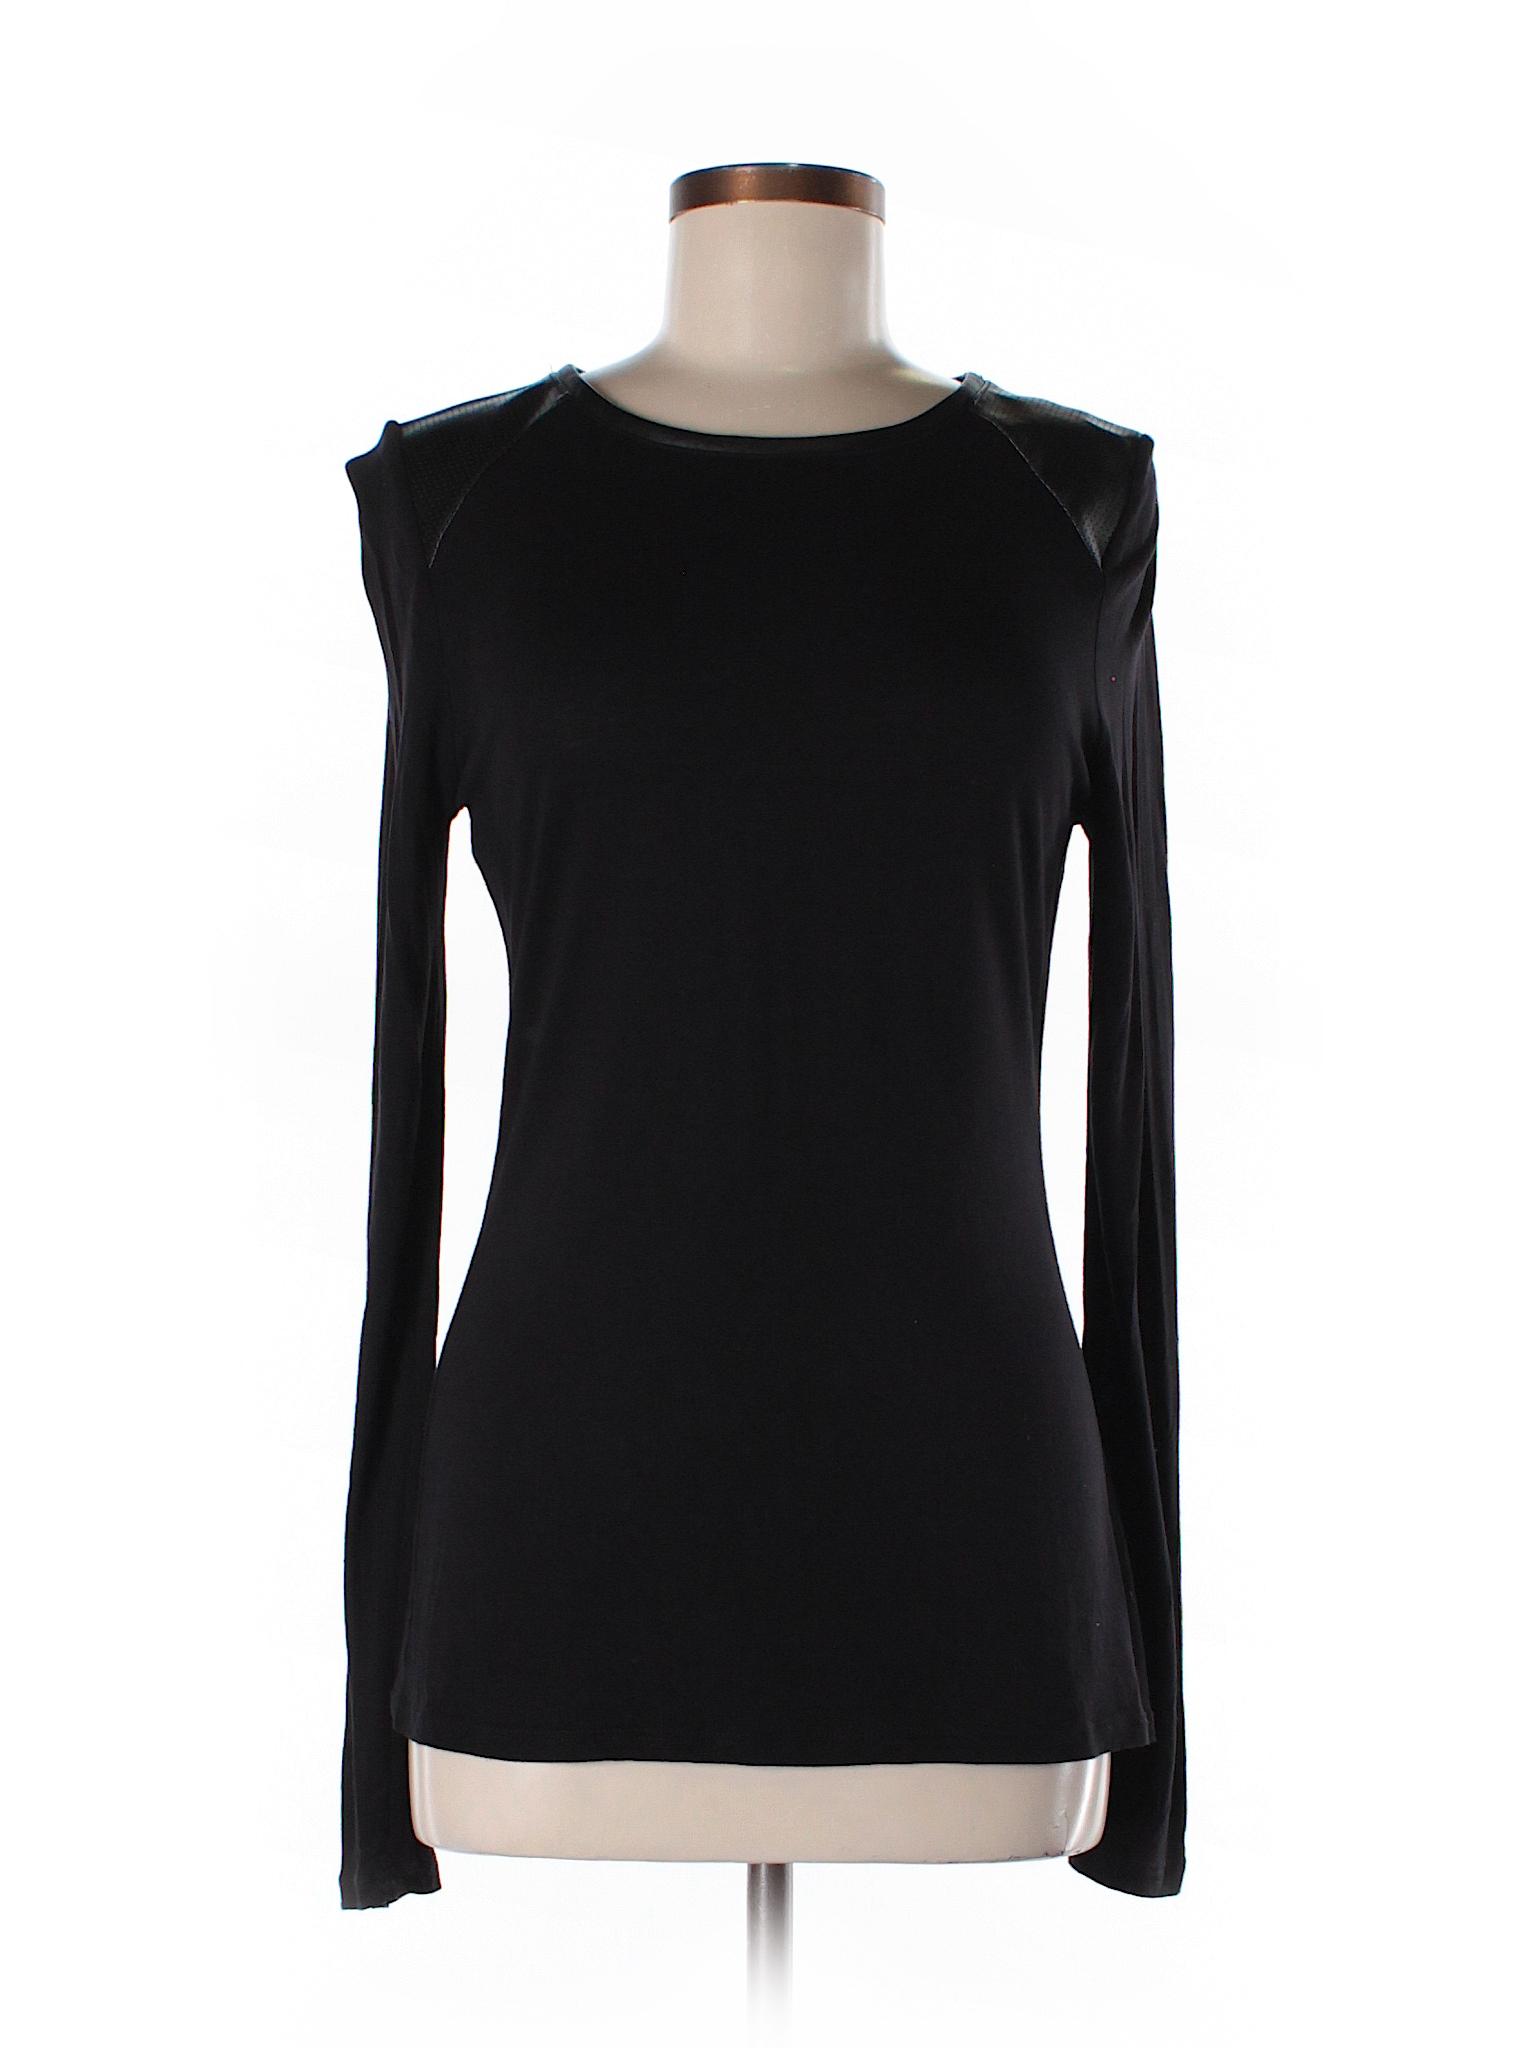 Cynthia rowley for t j maxx long sleeve t shirt 50 off for Tj maxx t shirts